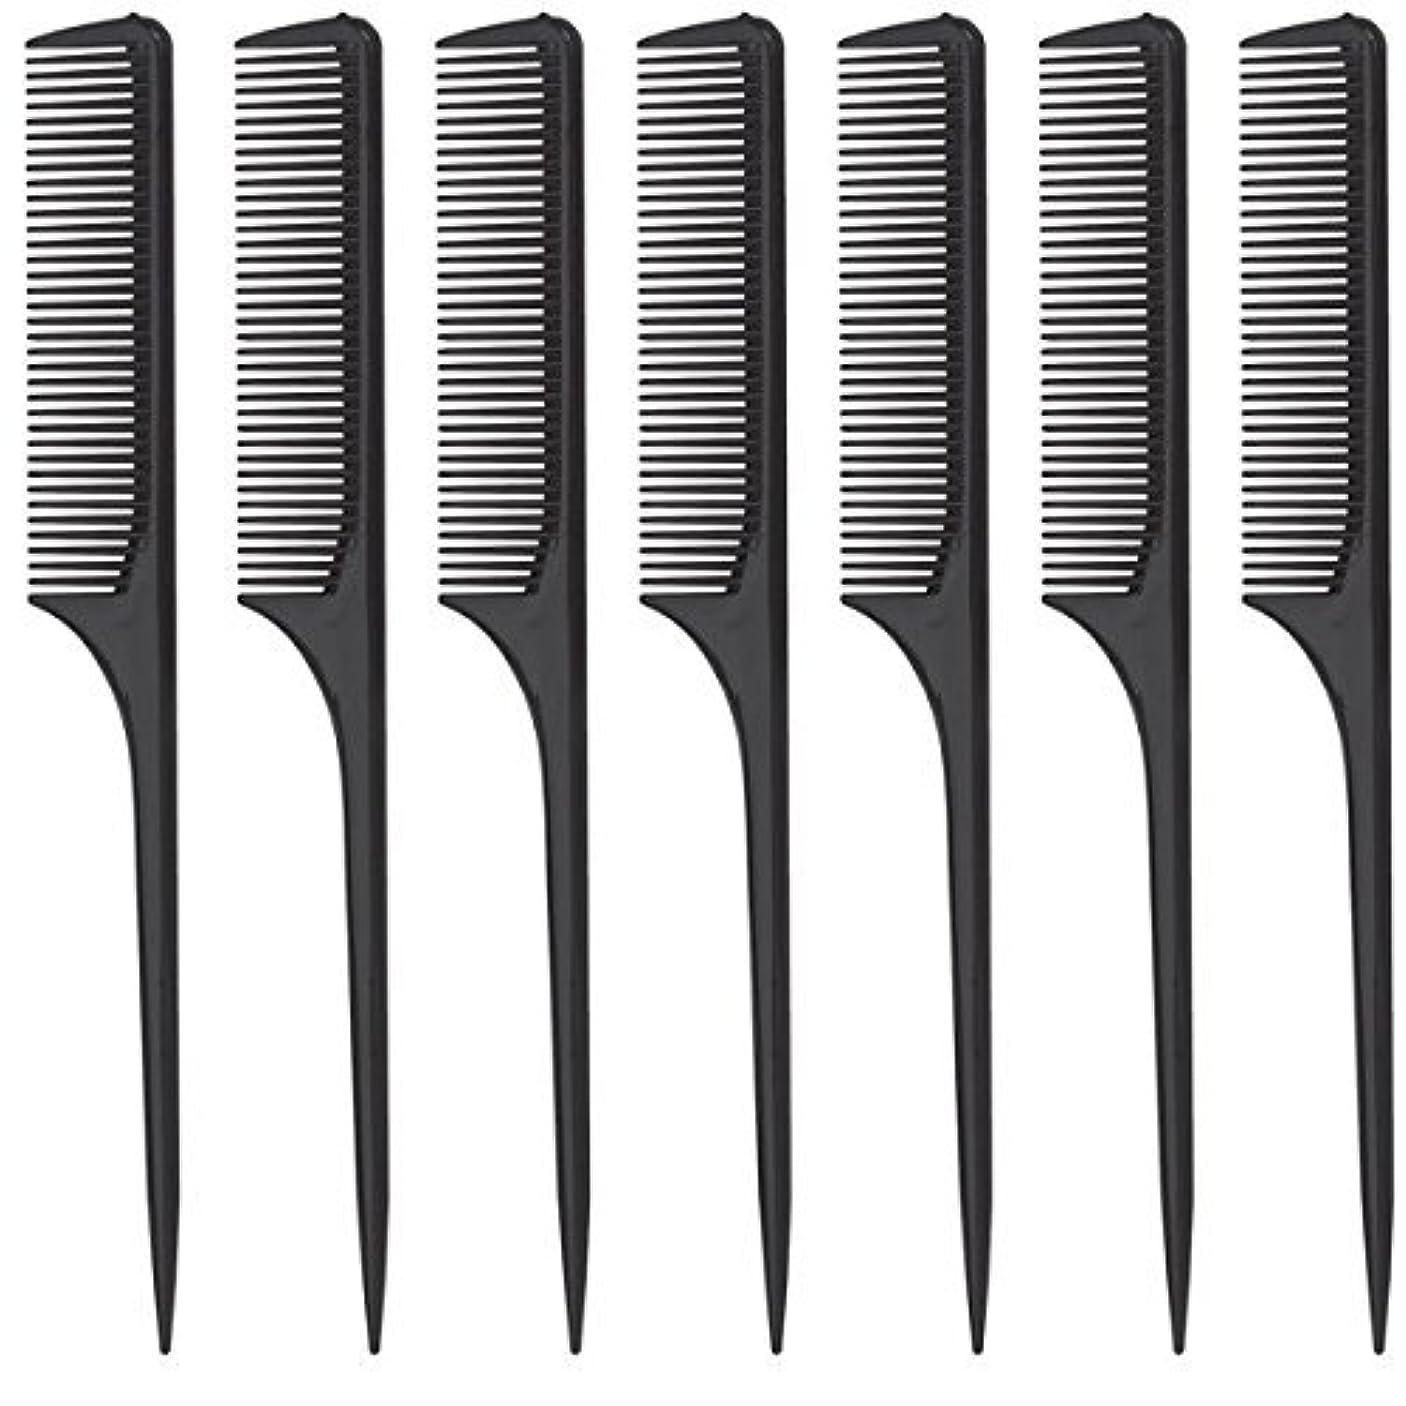 タイプわざわざ仕出しますDiane Rat Tail Comb, Black, 9 Inch, 12 Count [並行輸入品]